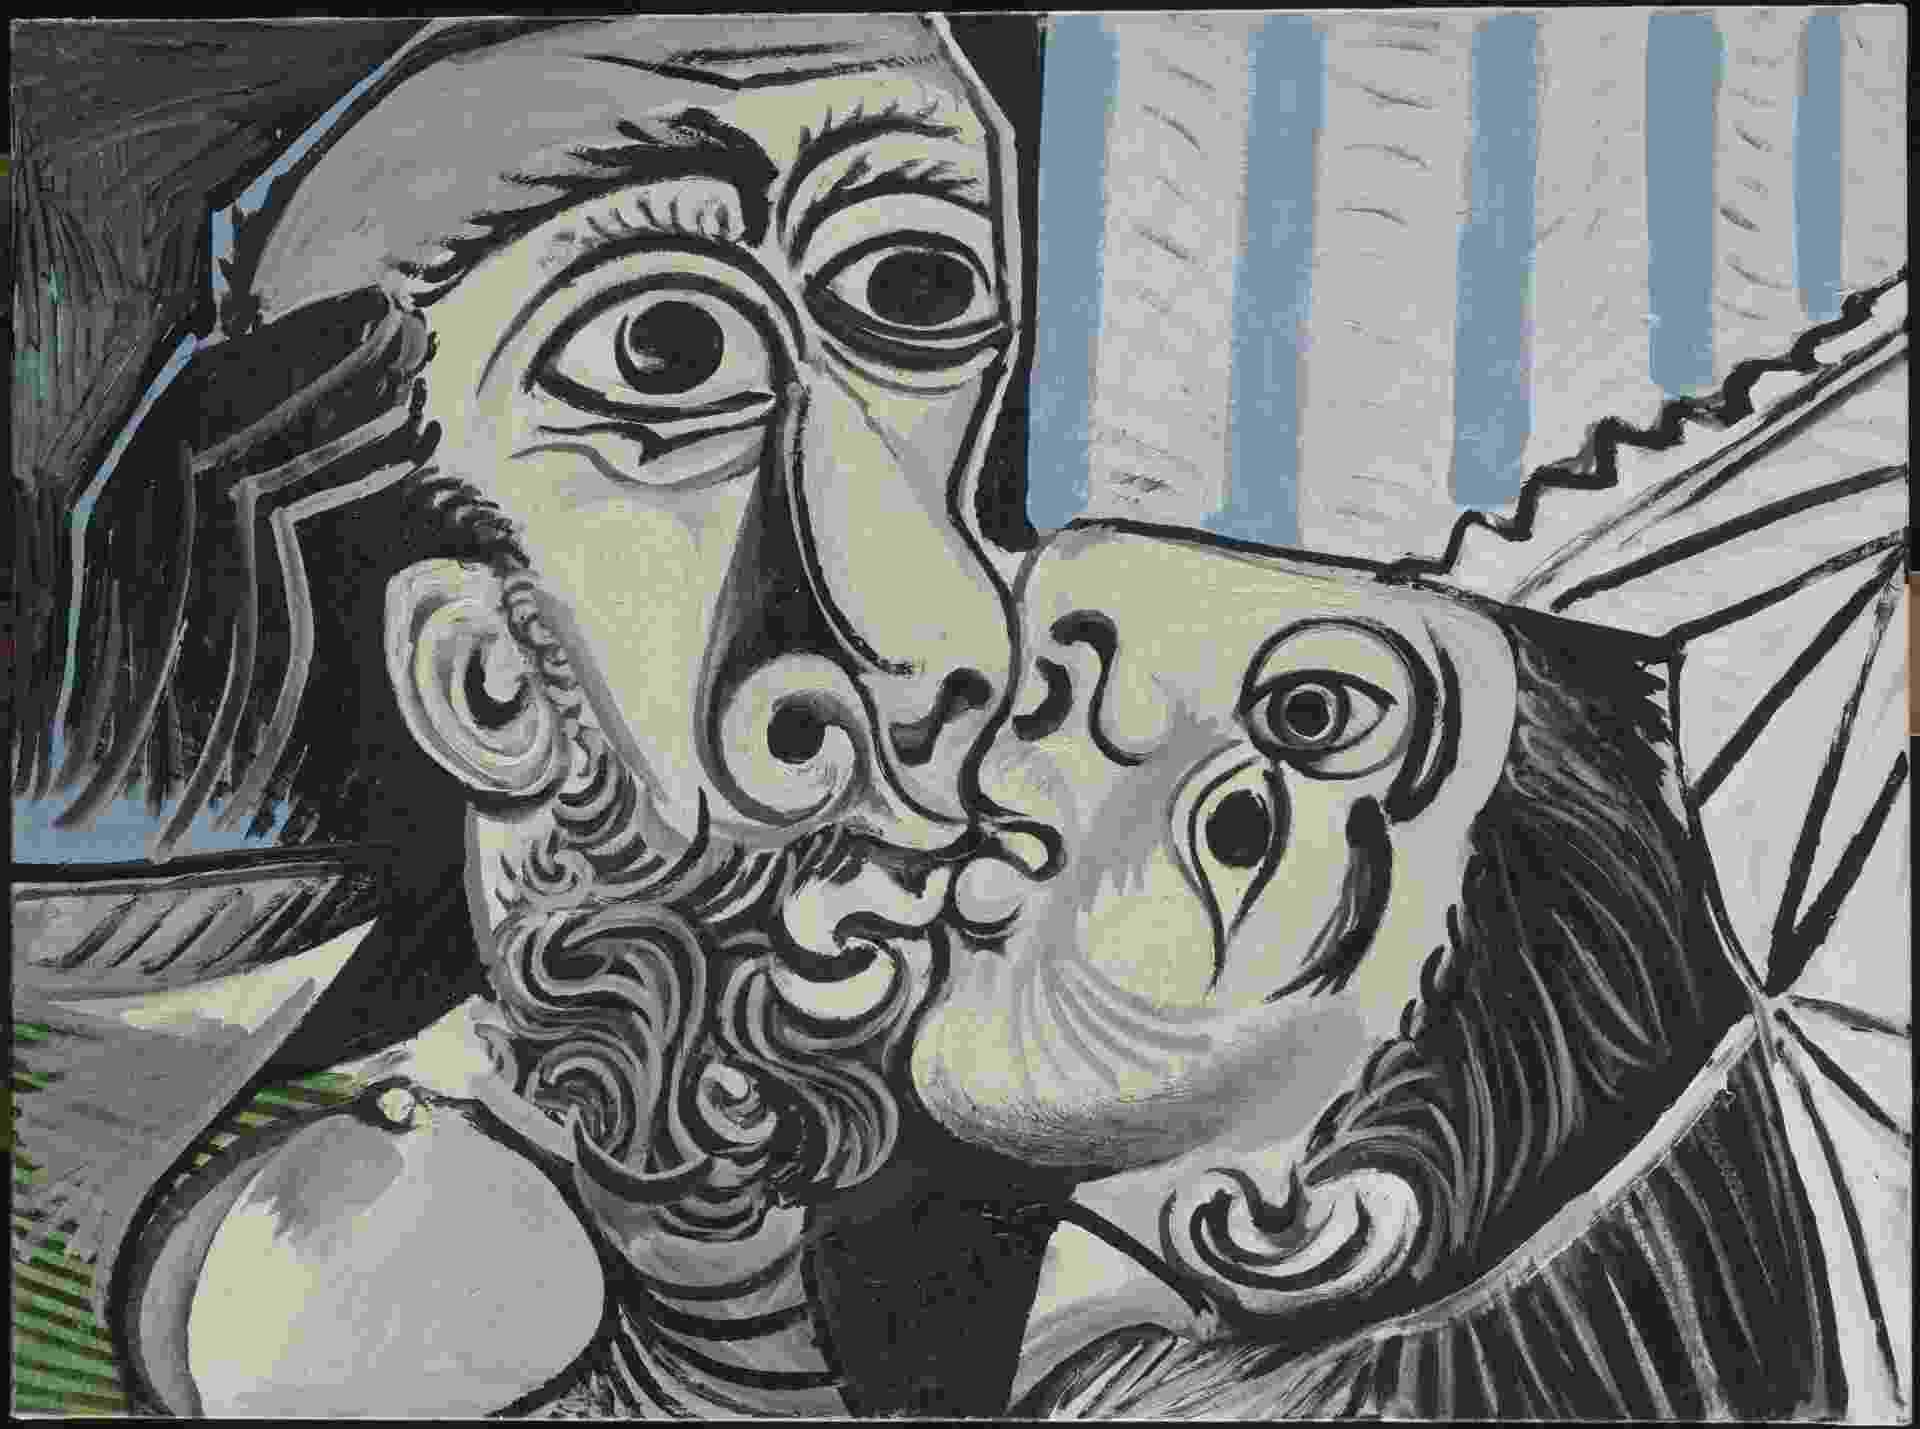 Le Baiser Mougins, 1969, de Pablo Picasso. Musée national Picasso-Paris - RMN-Grand Palais (Musée national Picasso-Paris) / Berizzi Jean-Gilles © Succession Picasso, 2015 © Succession Pablo Picasso / AUTVIS, Brasil, 2016